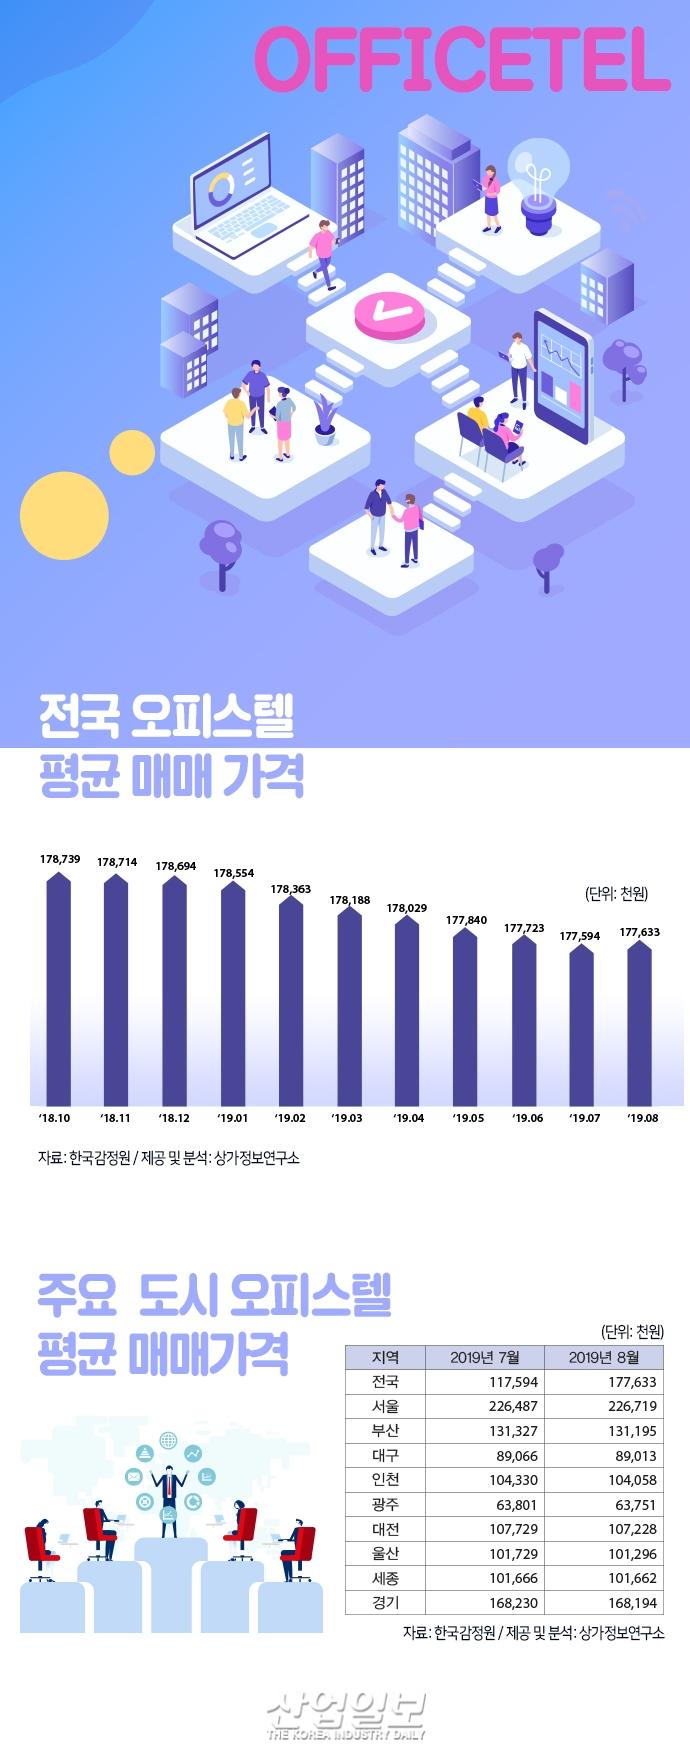 [그래픽뉴스] 서울 평균 오피스텔 평균 매매가 7월 대비↑